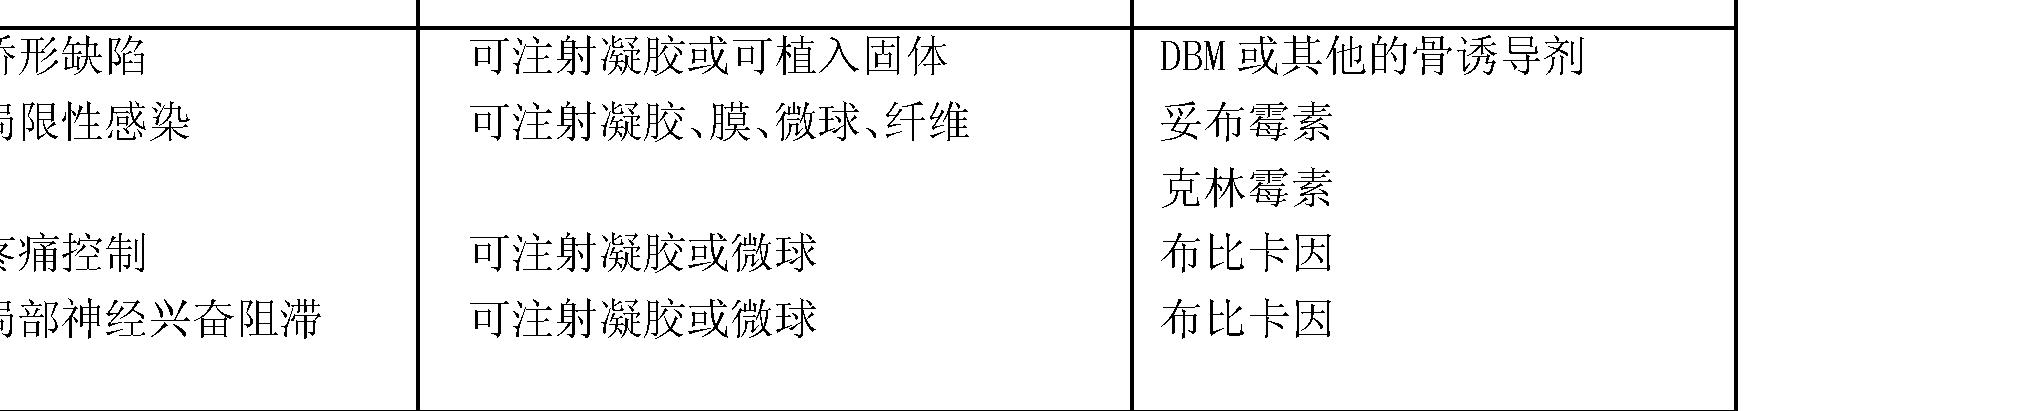 Figure CN101247789BD00111